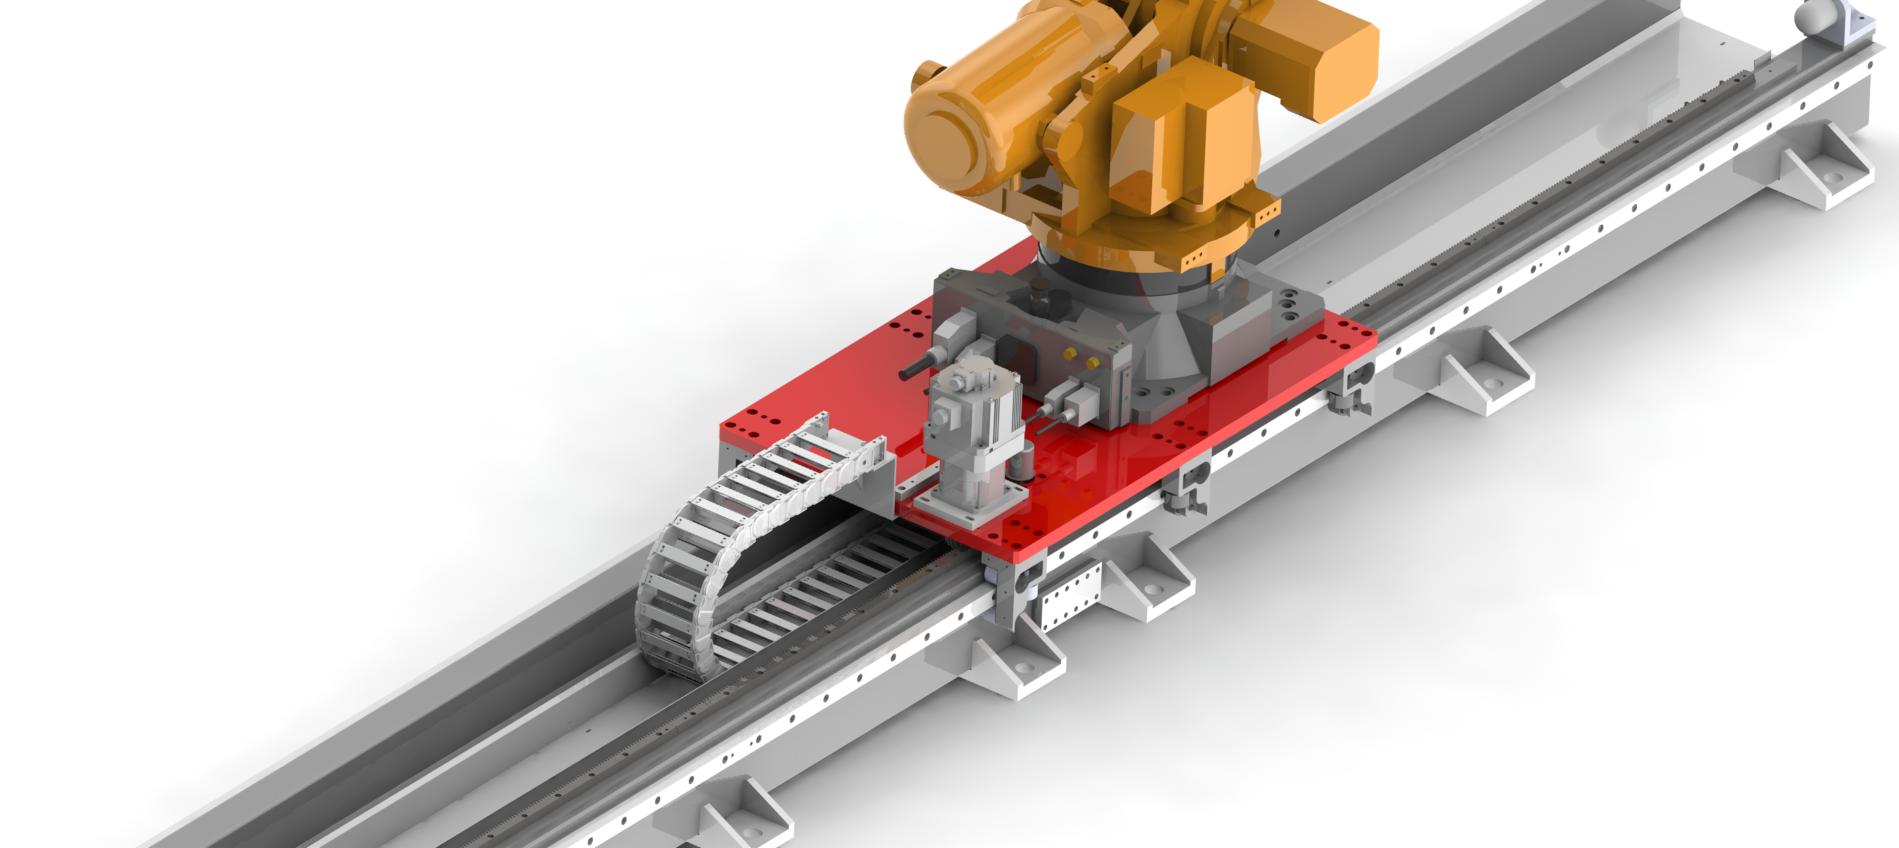 机器人行走轴控制系统